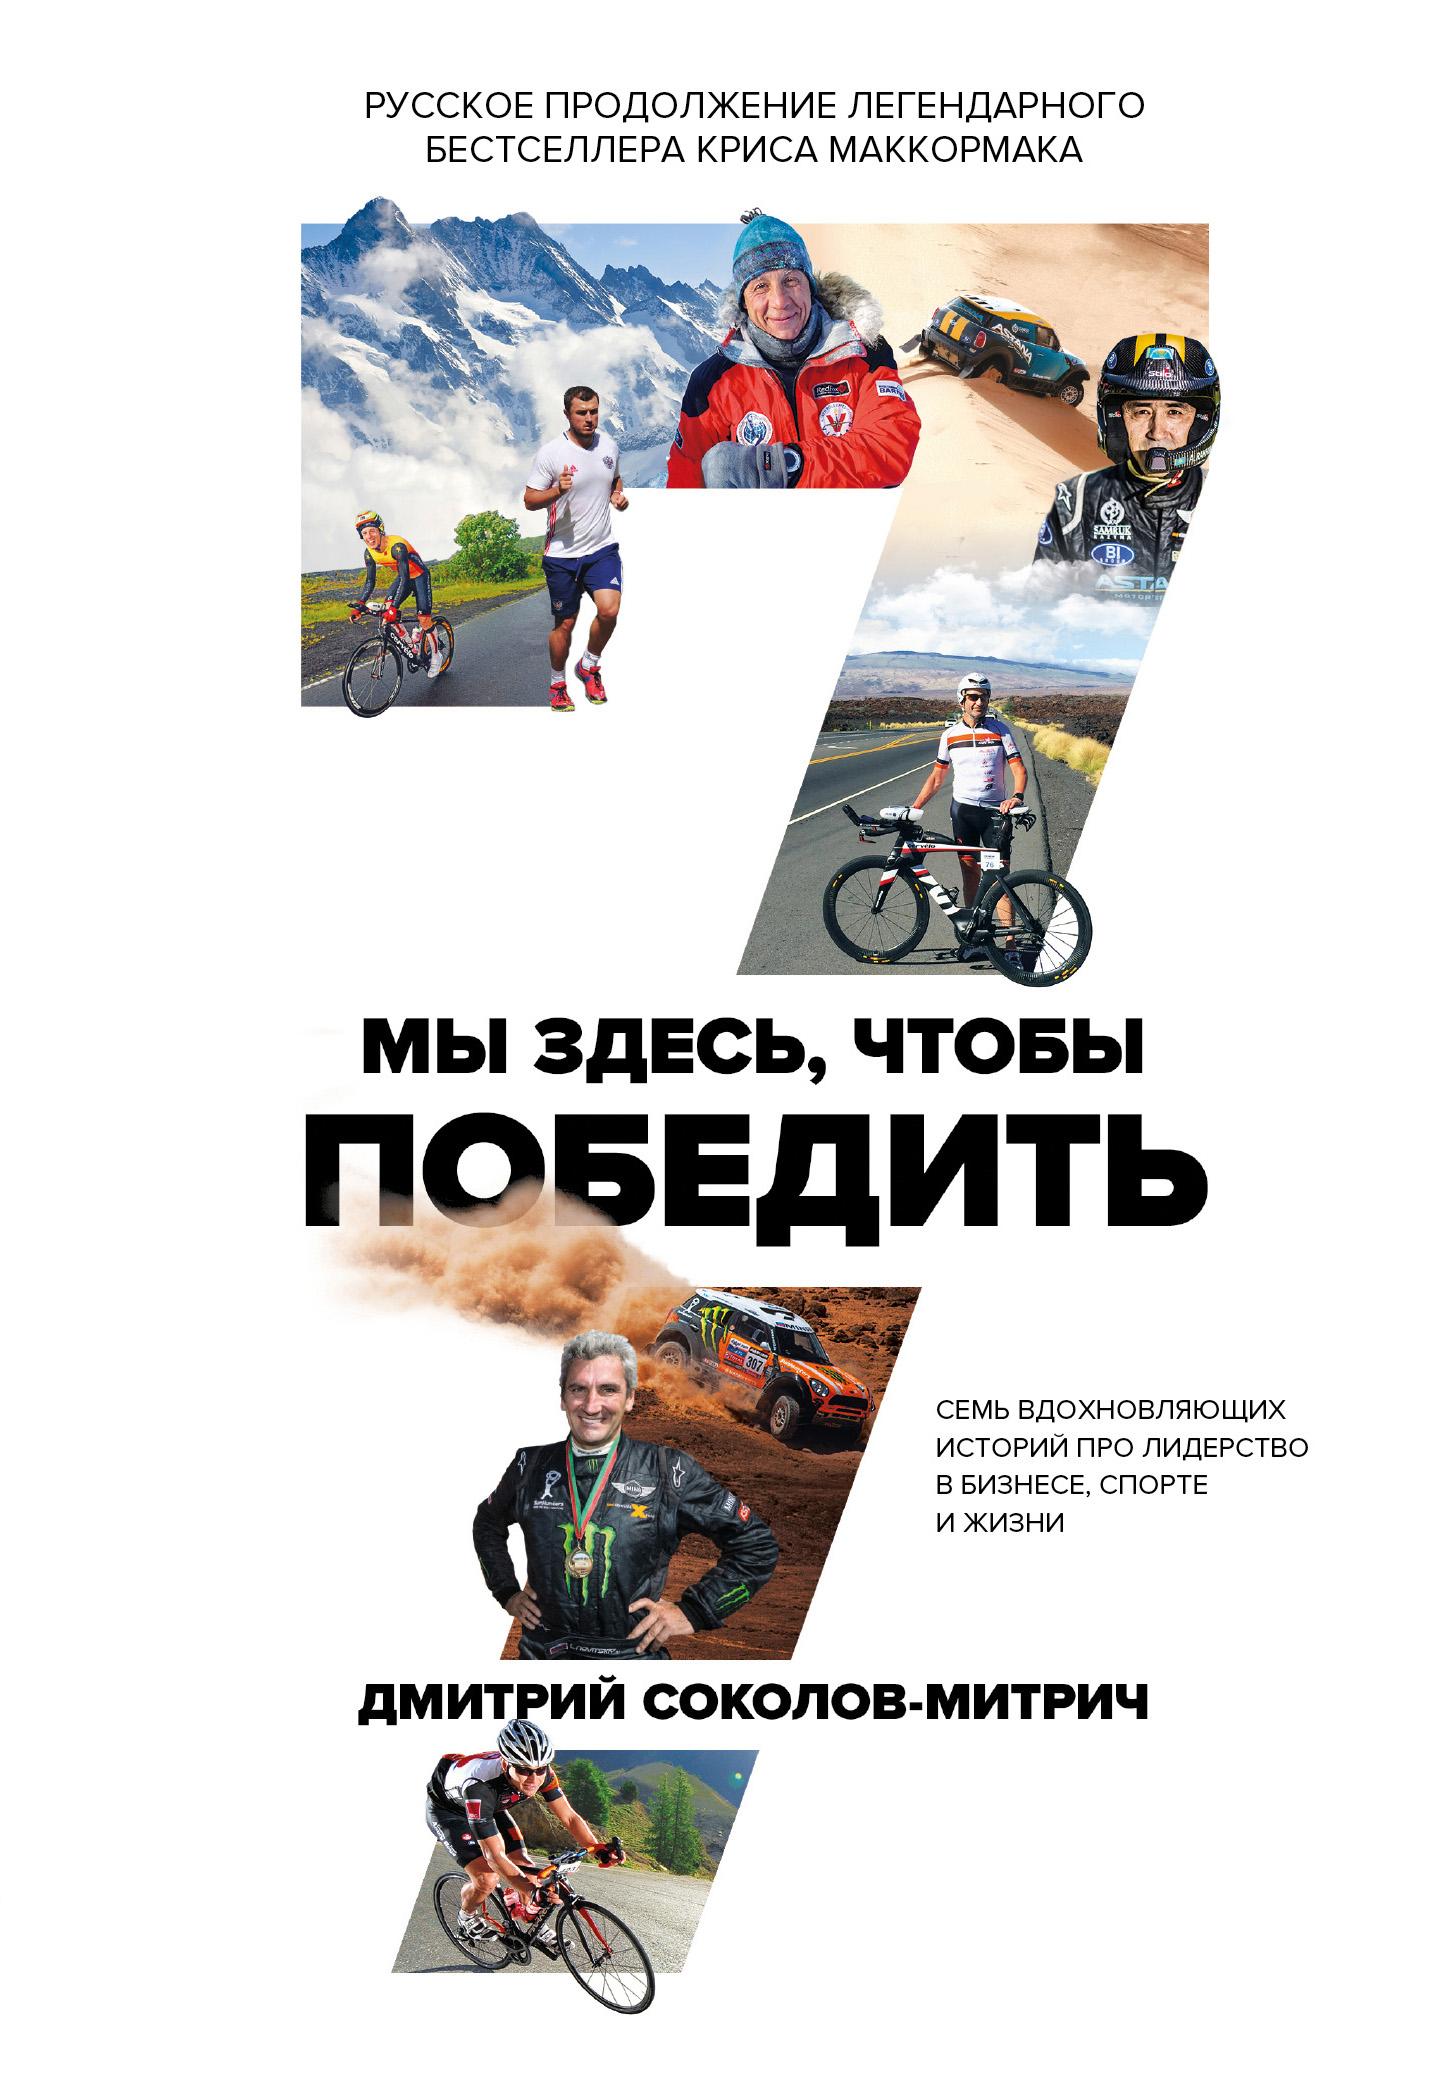 Дмитрий Соколов-Митрич Мы здесь, чтобы победить: семь историй о лидерстве в бизнесе и спорте